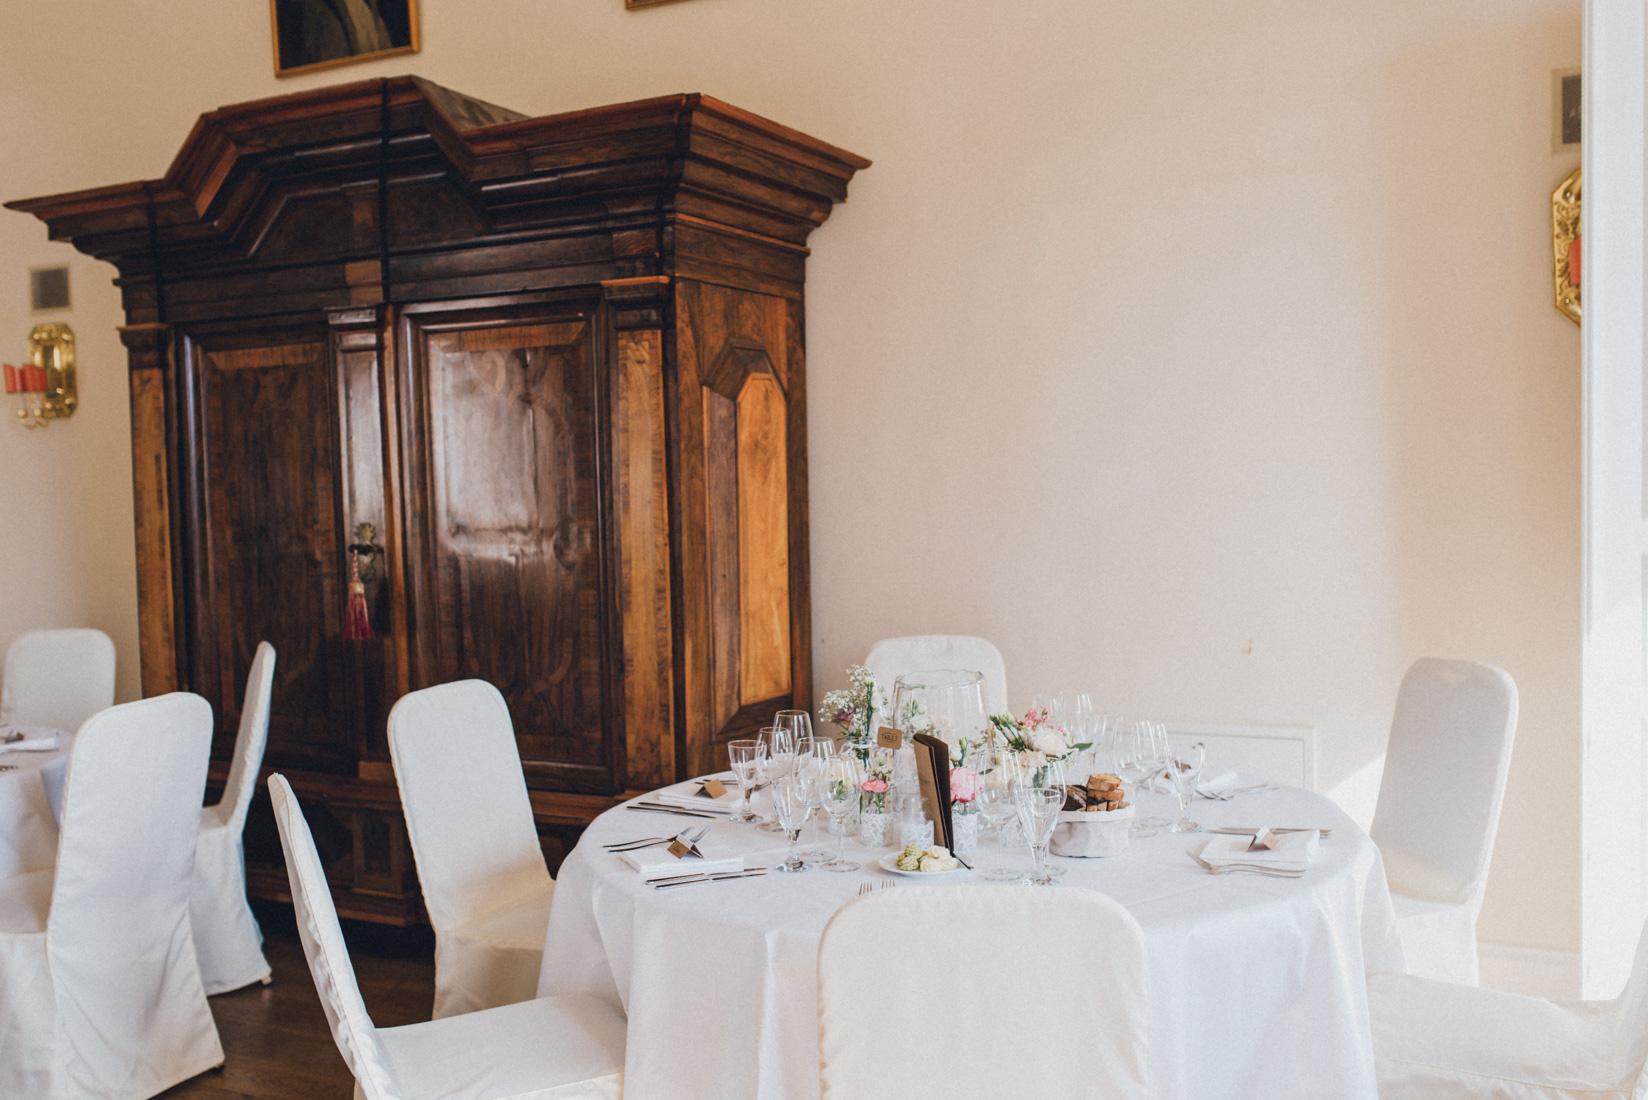 pastel-vintage-hertefeld-153 hochzeitsfotograf schloss hertefeldGalina & Robert DIY Pastel Vintage Hochzeit auf Schloss Hertefeldpastel vintage hertefeld 153